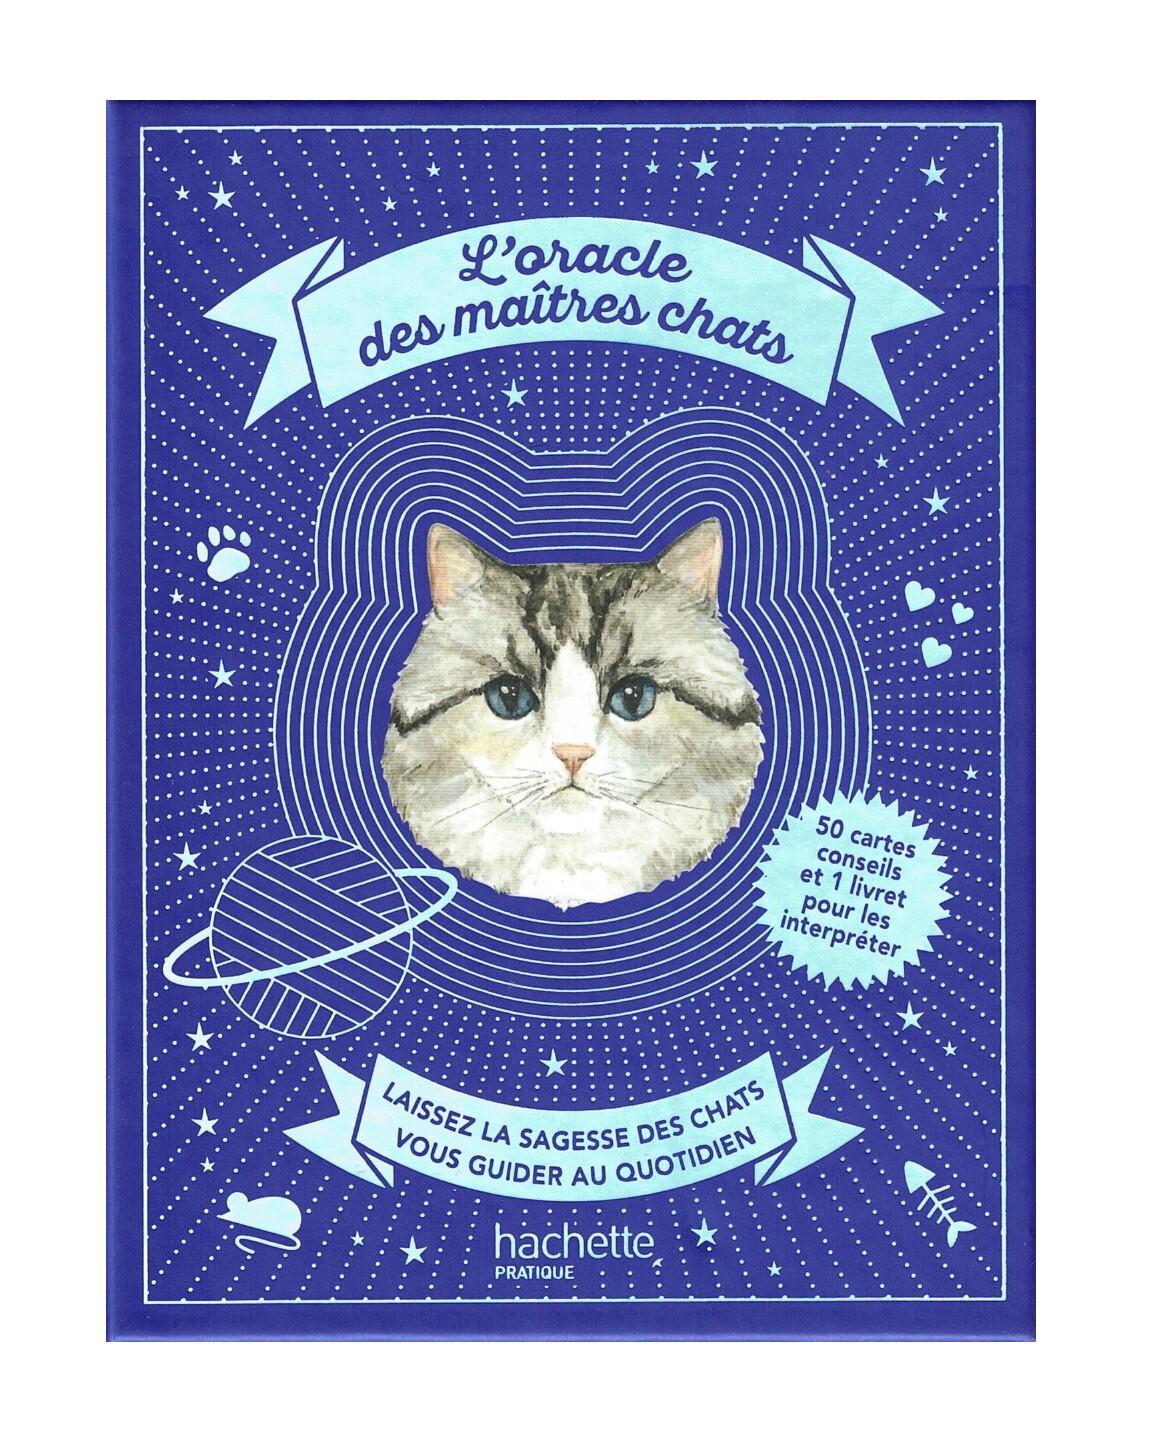 L'oracle des maîtres chats